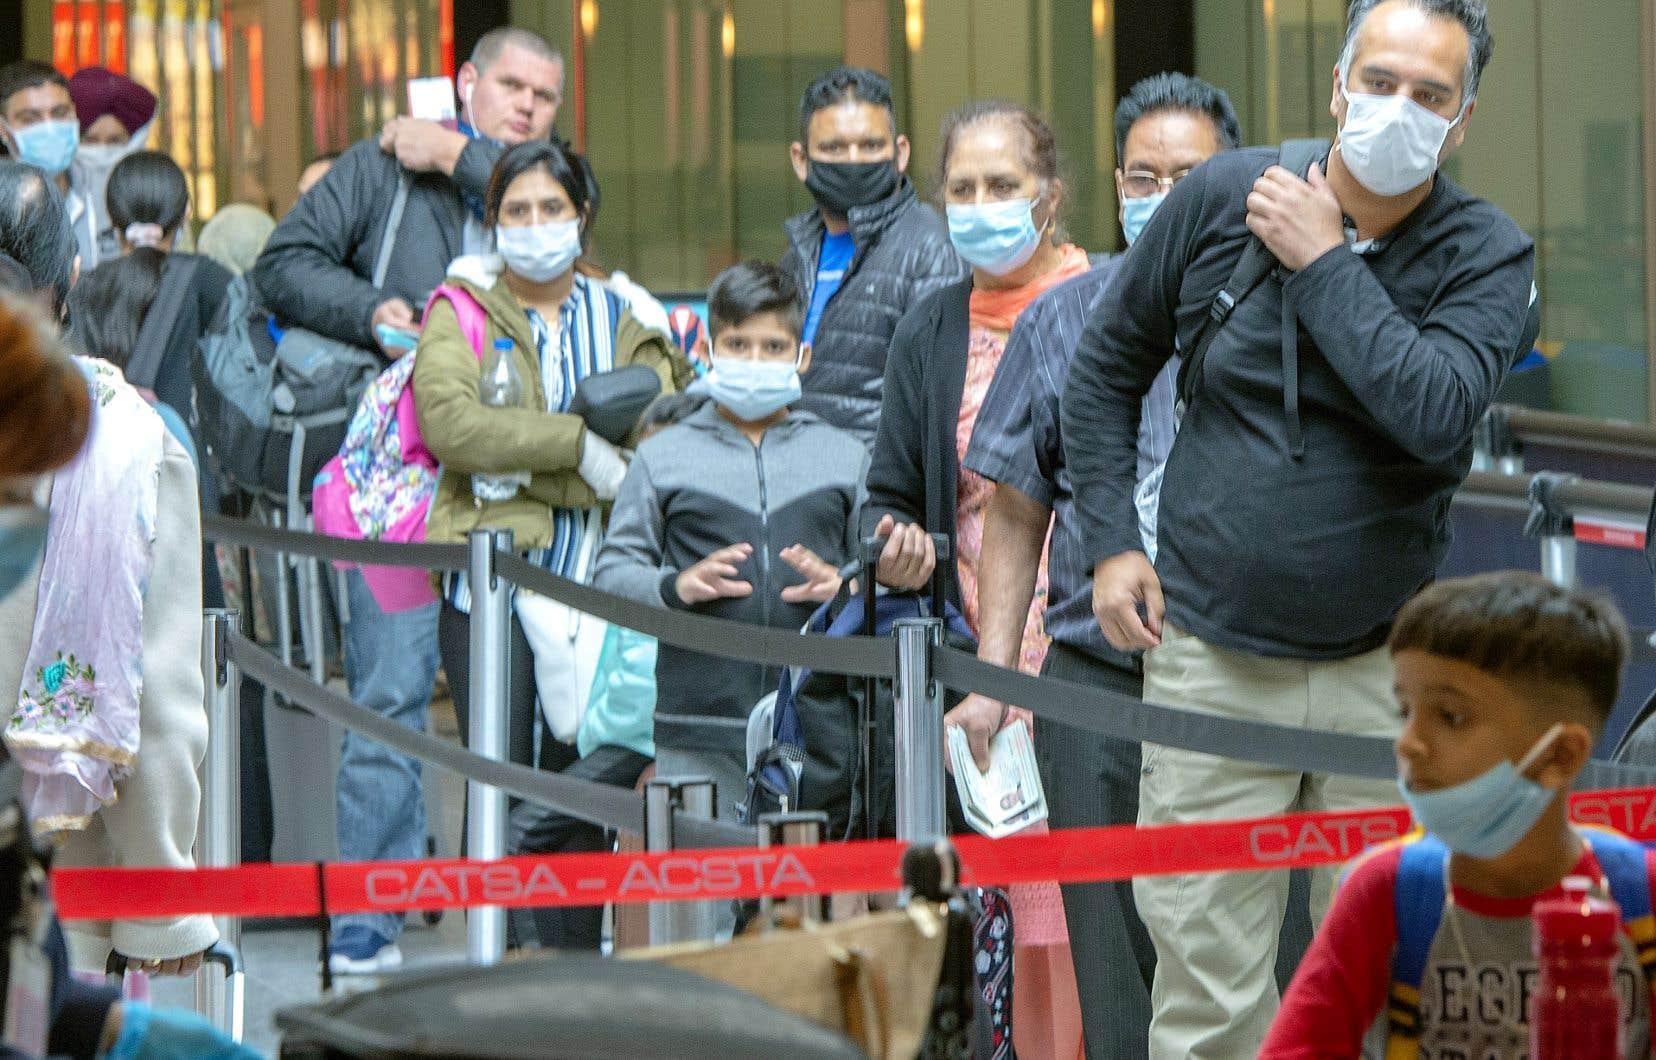 Des passagers portant un masque obligatoire à l'aéroport Montréal-Trudeau